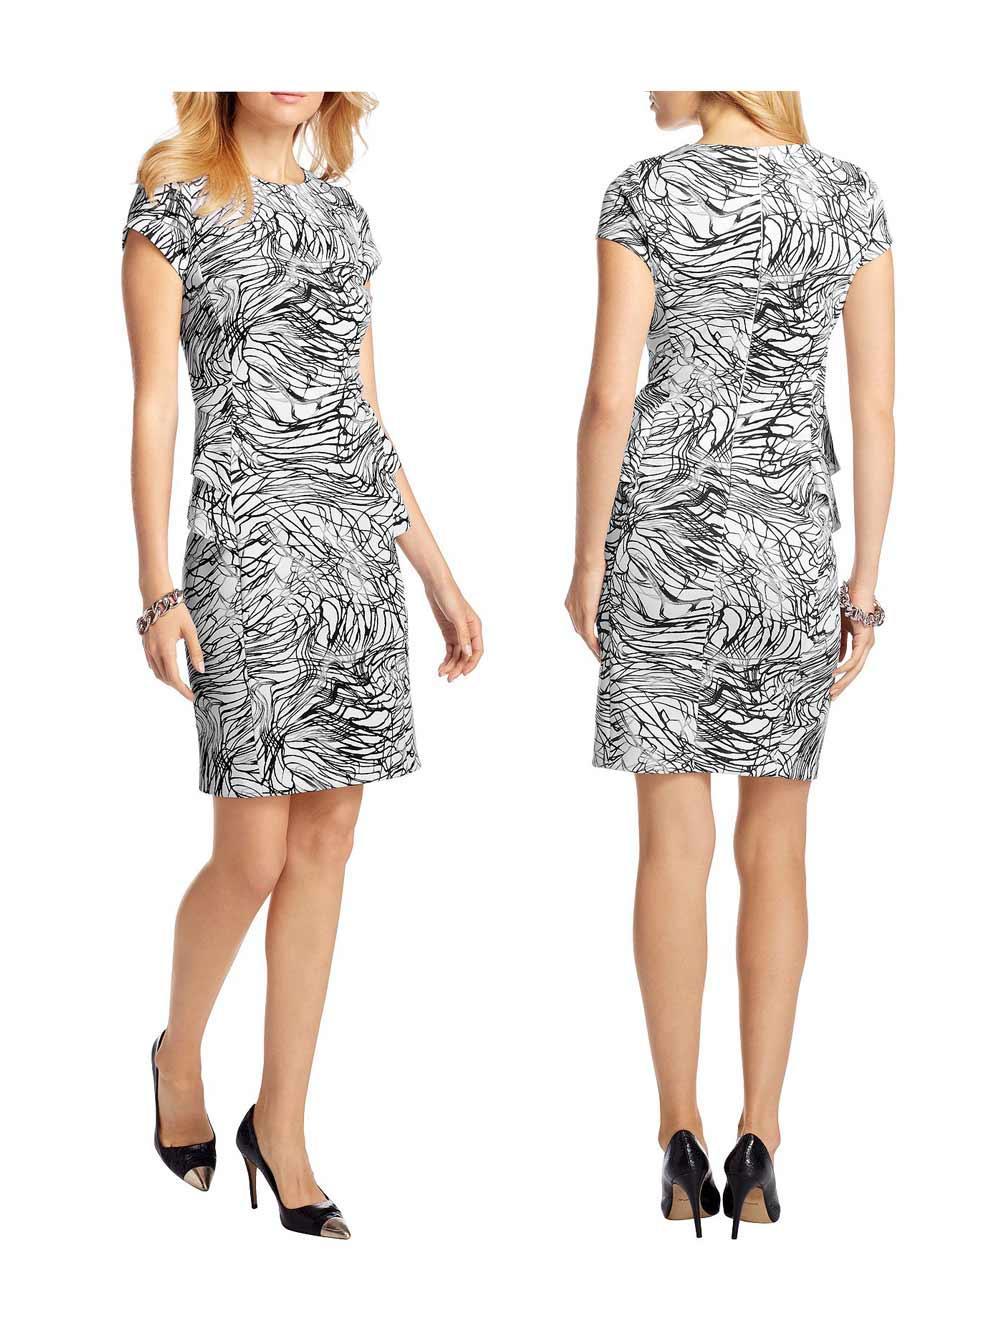 1c94a5da6baa Kleid mit Schößchen weiß-schwarz-grau   Kleider   Outlet Mode-Shop